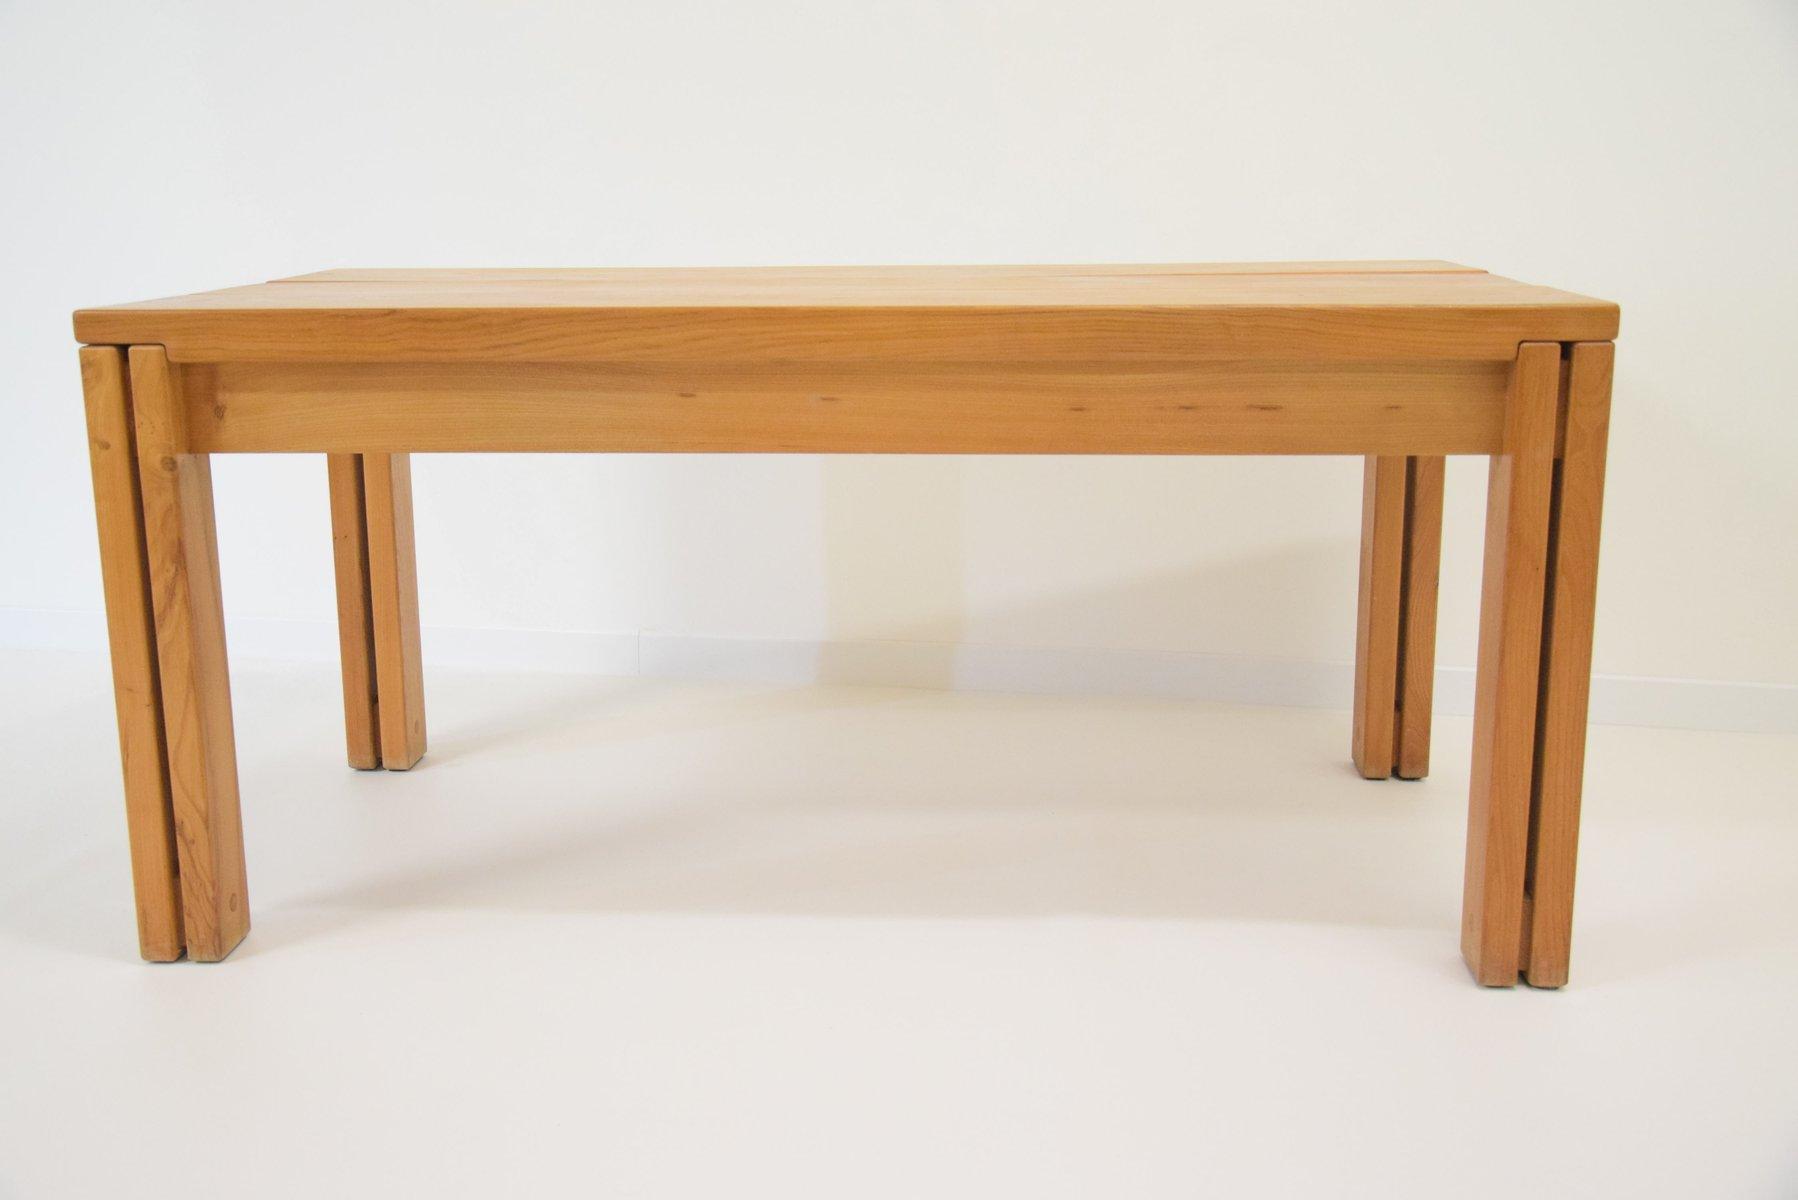 Vintage Esstisch aus massivem Ulmenholz von Regain